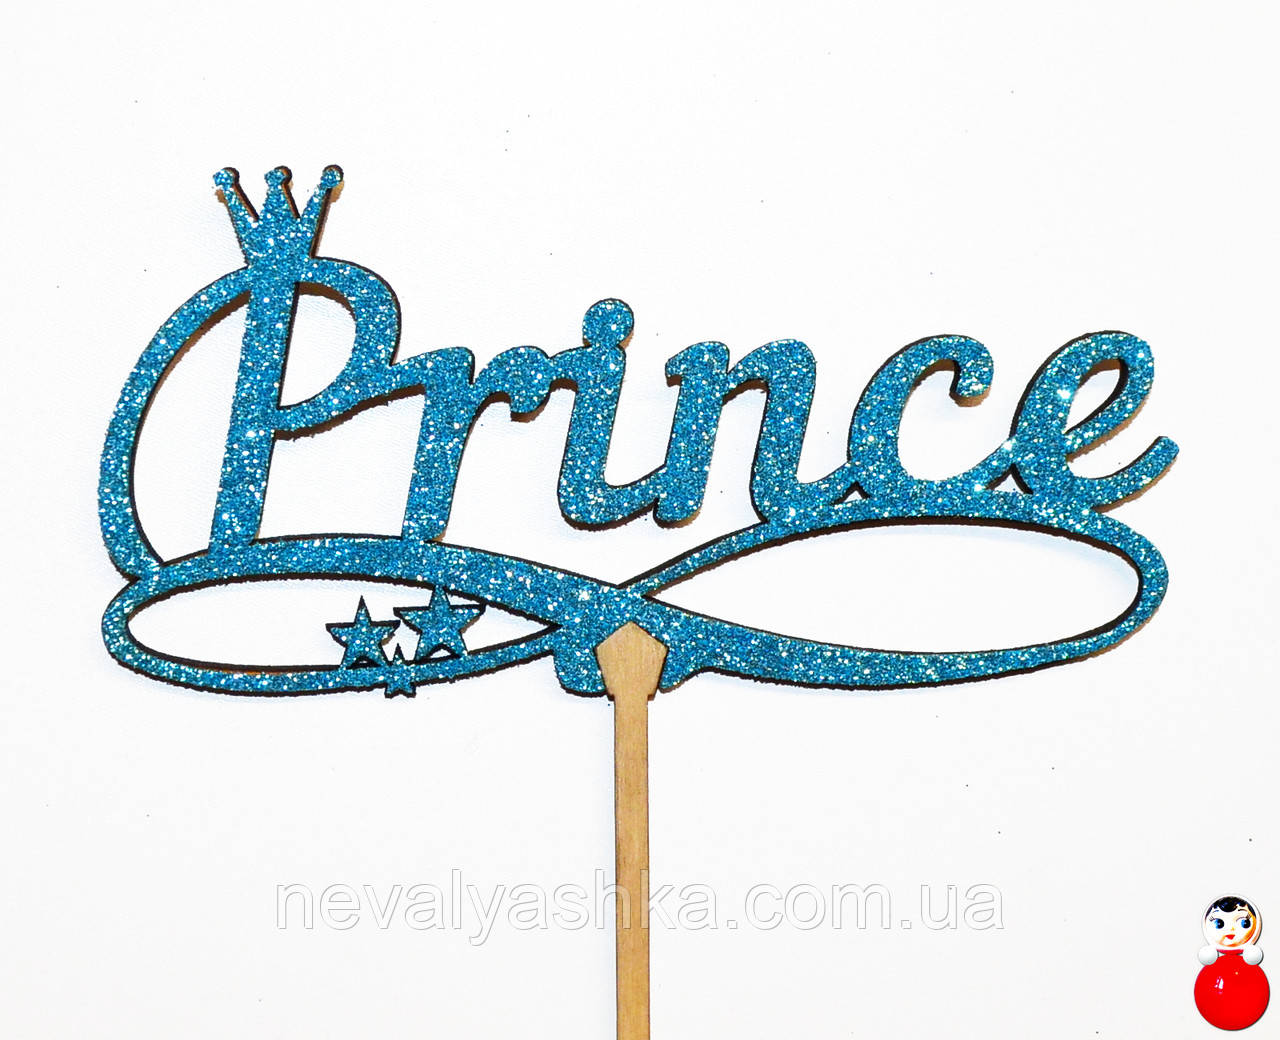 ТОППЕР ДЕРЕВЯННЫЙ PRINCE Принцу с Глиттером Блестящий ГОЛУБОЙ Топперы для Торта Топер дерев'яний